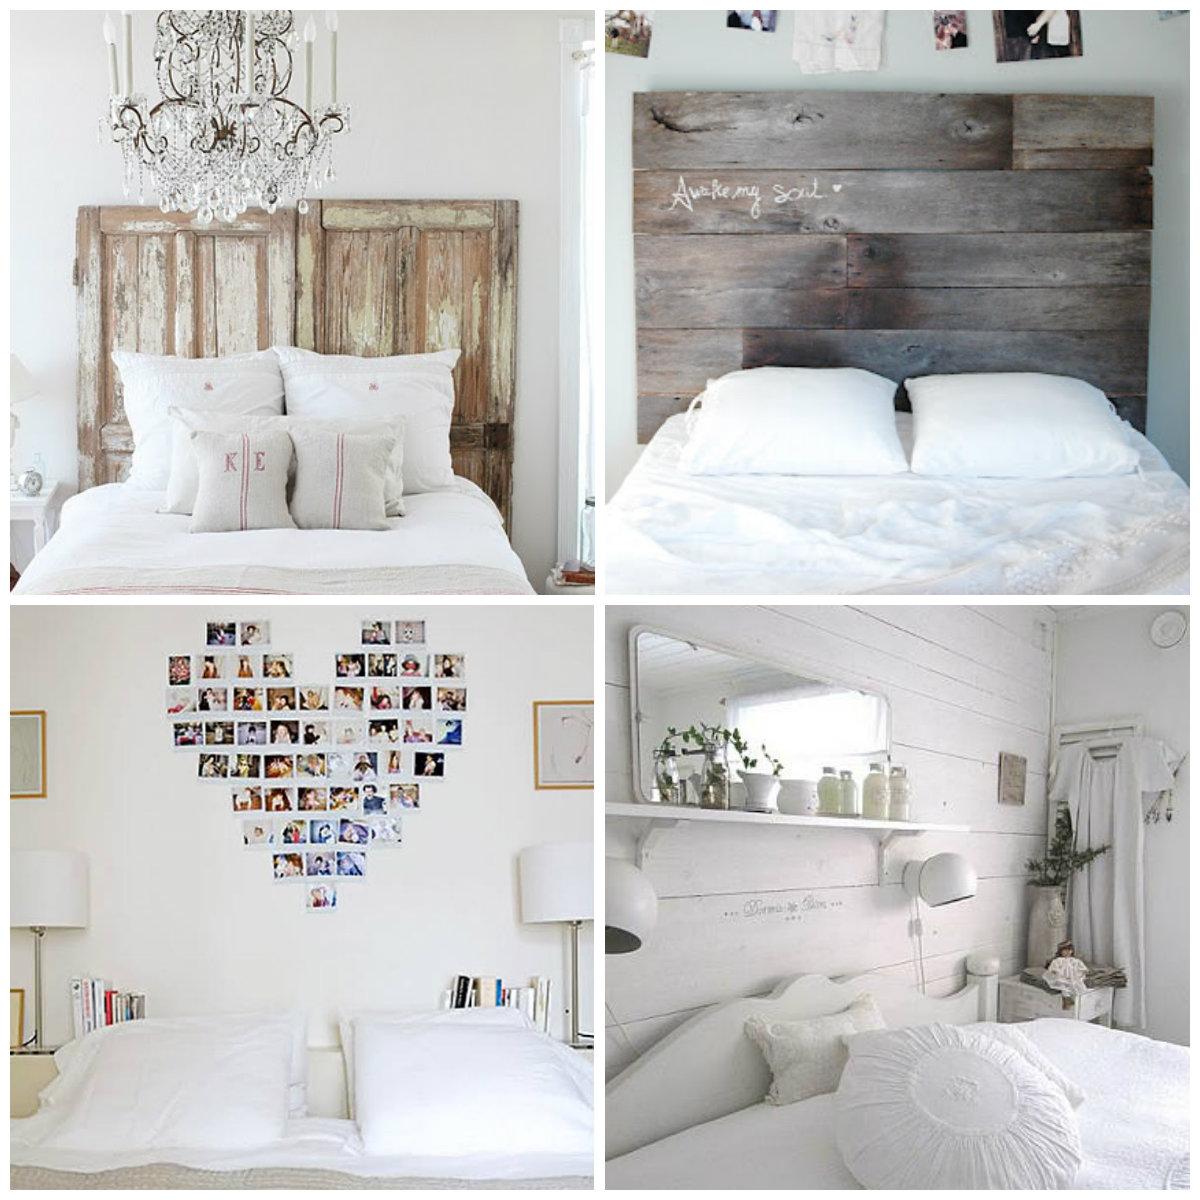 Jou jou ideas para decorar cabeceros - Ideas para cabeceros de cama originales ...